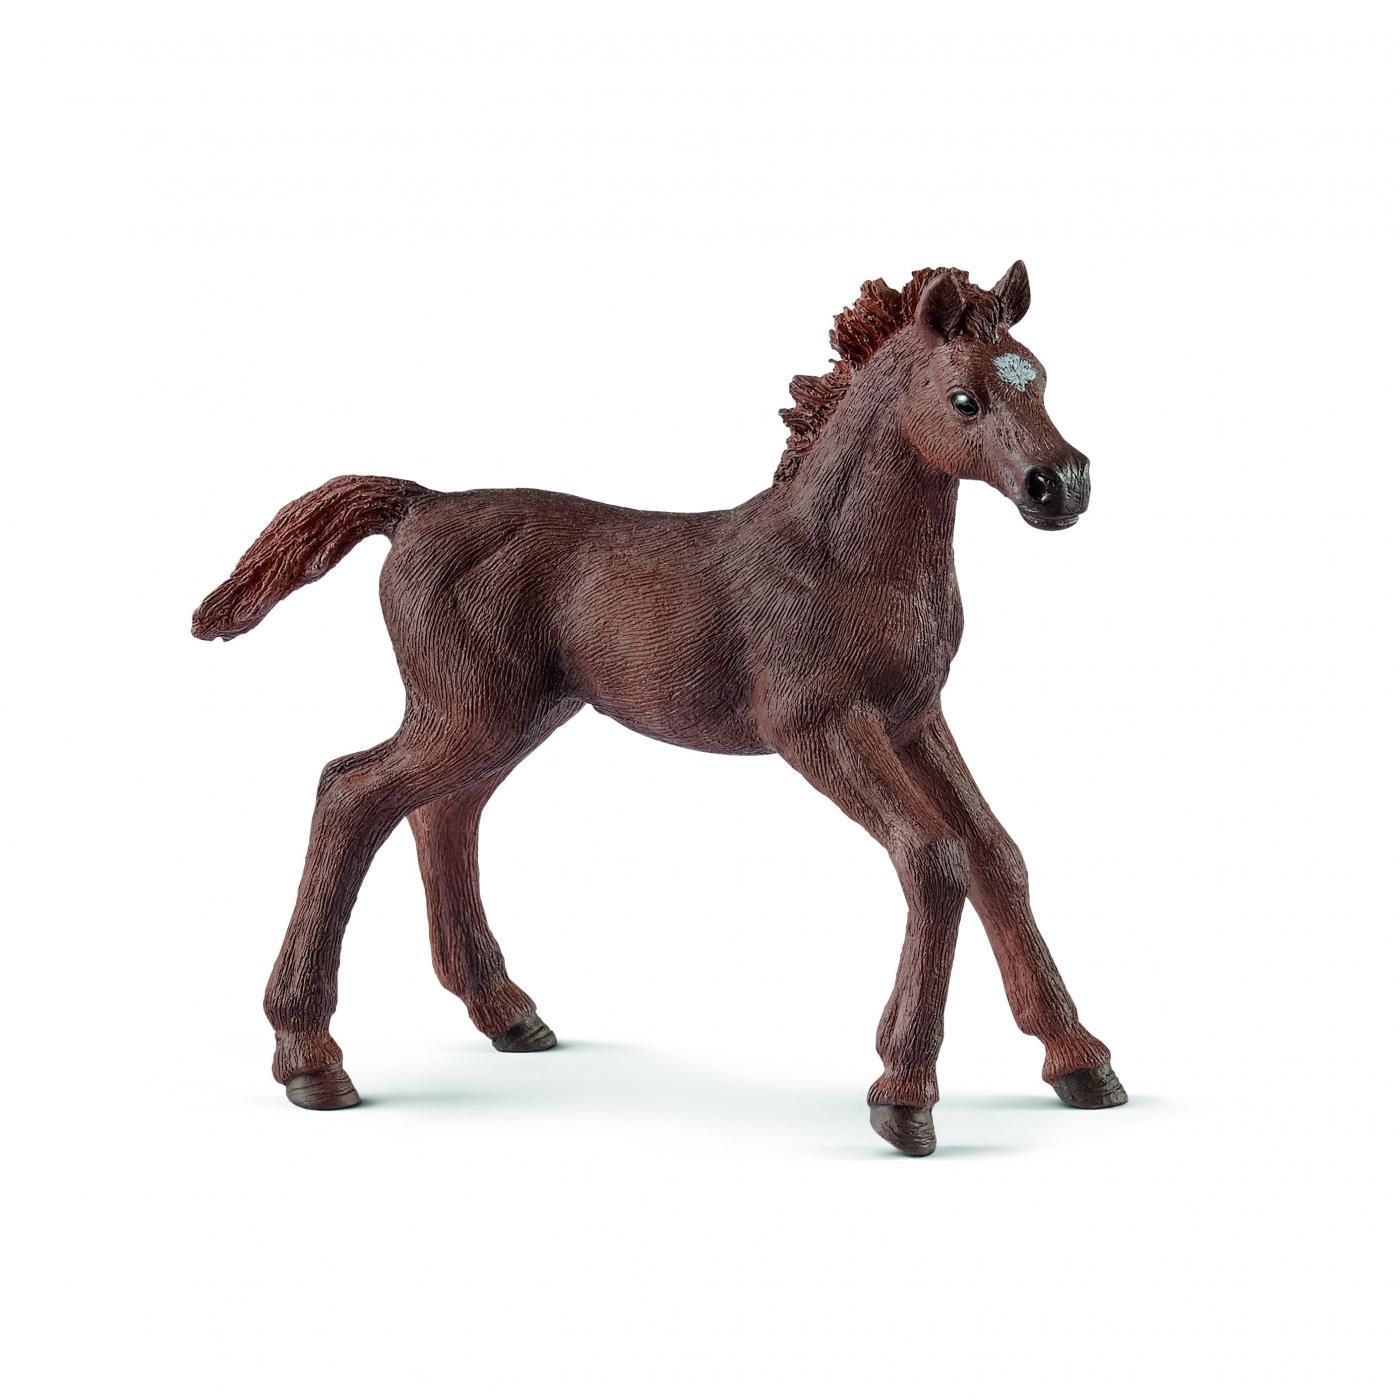 Schleich Horses: Schleich English Thoroughbred Foal 13857